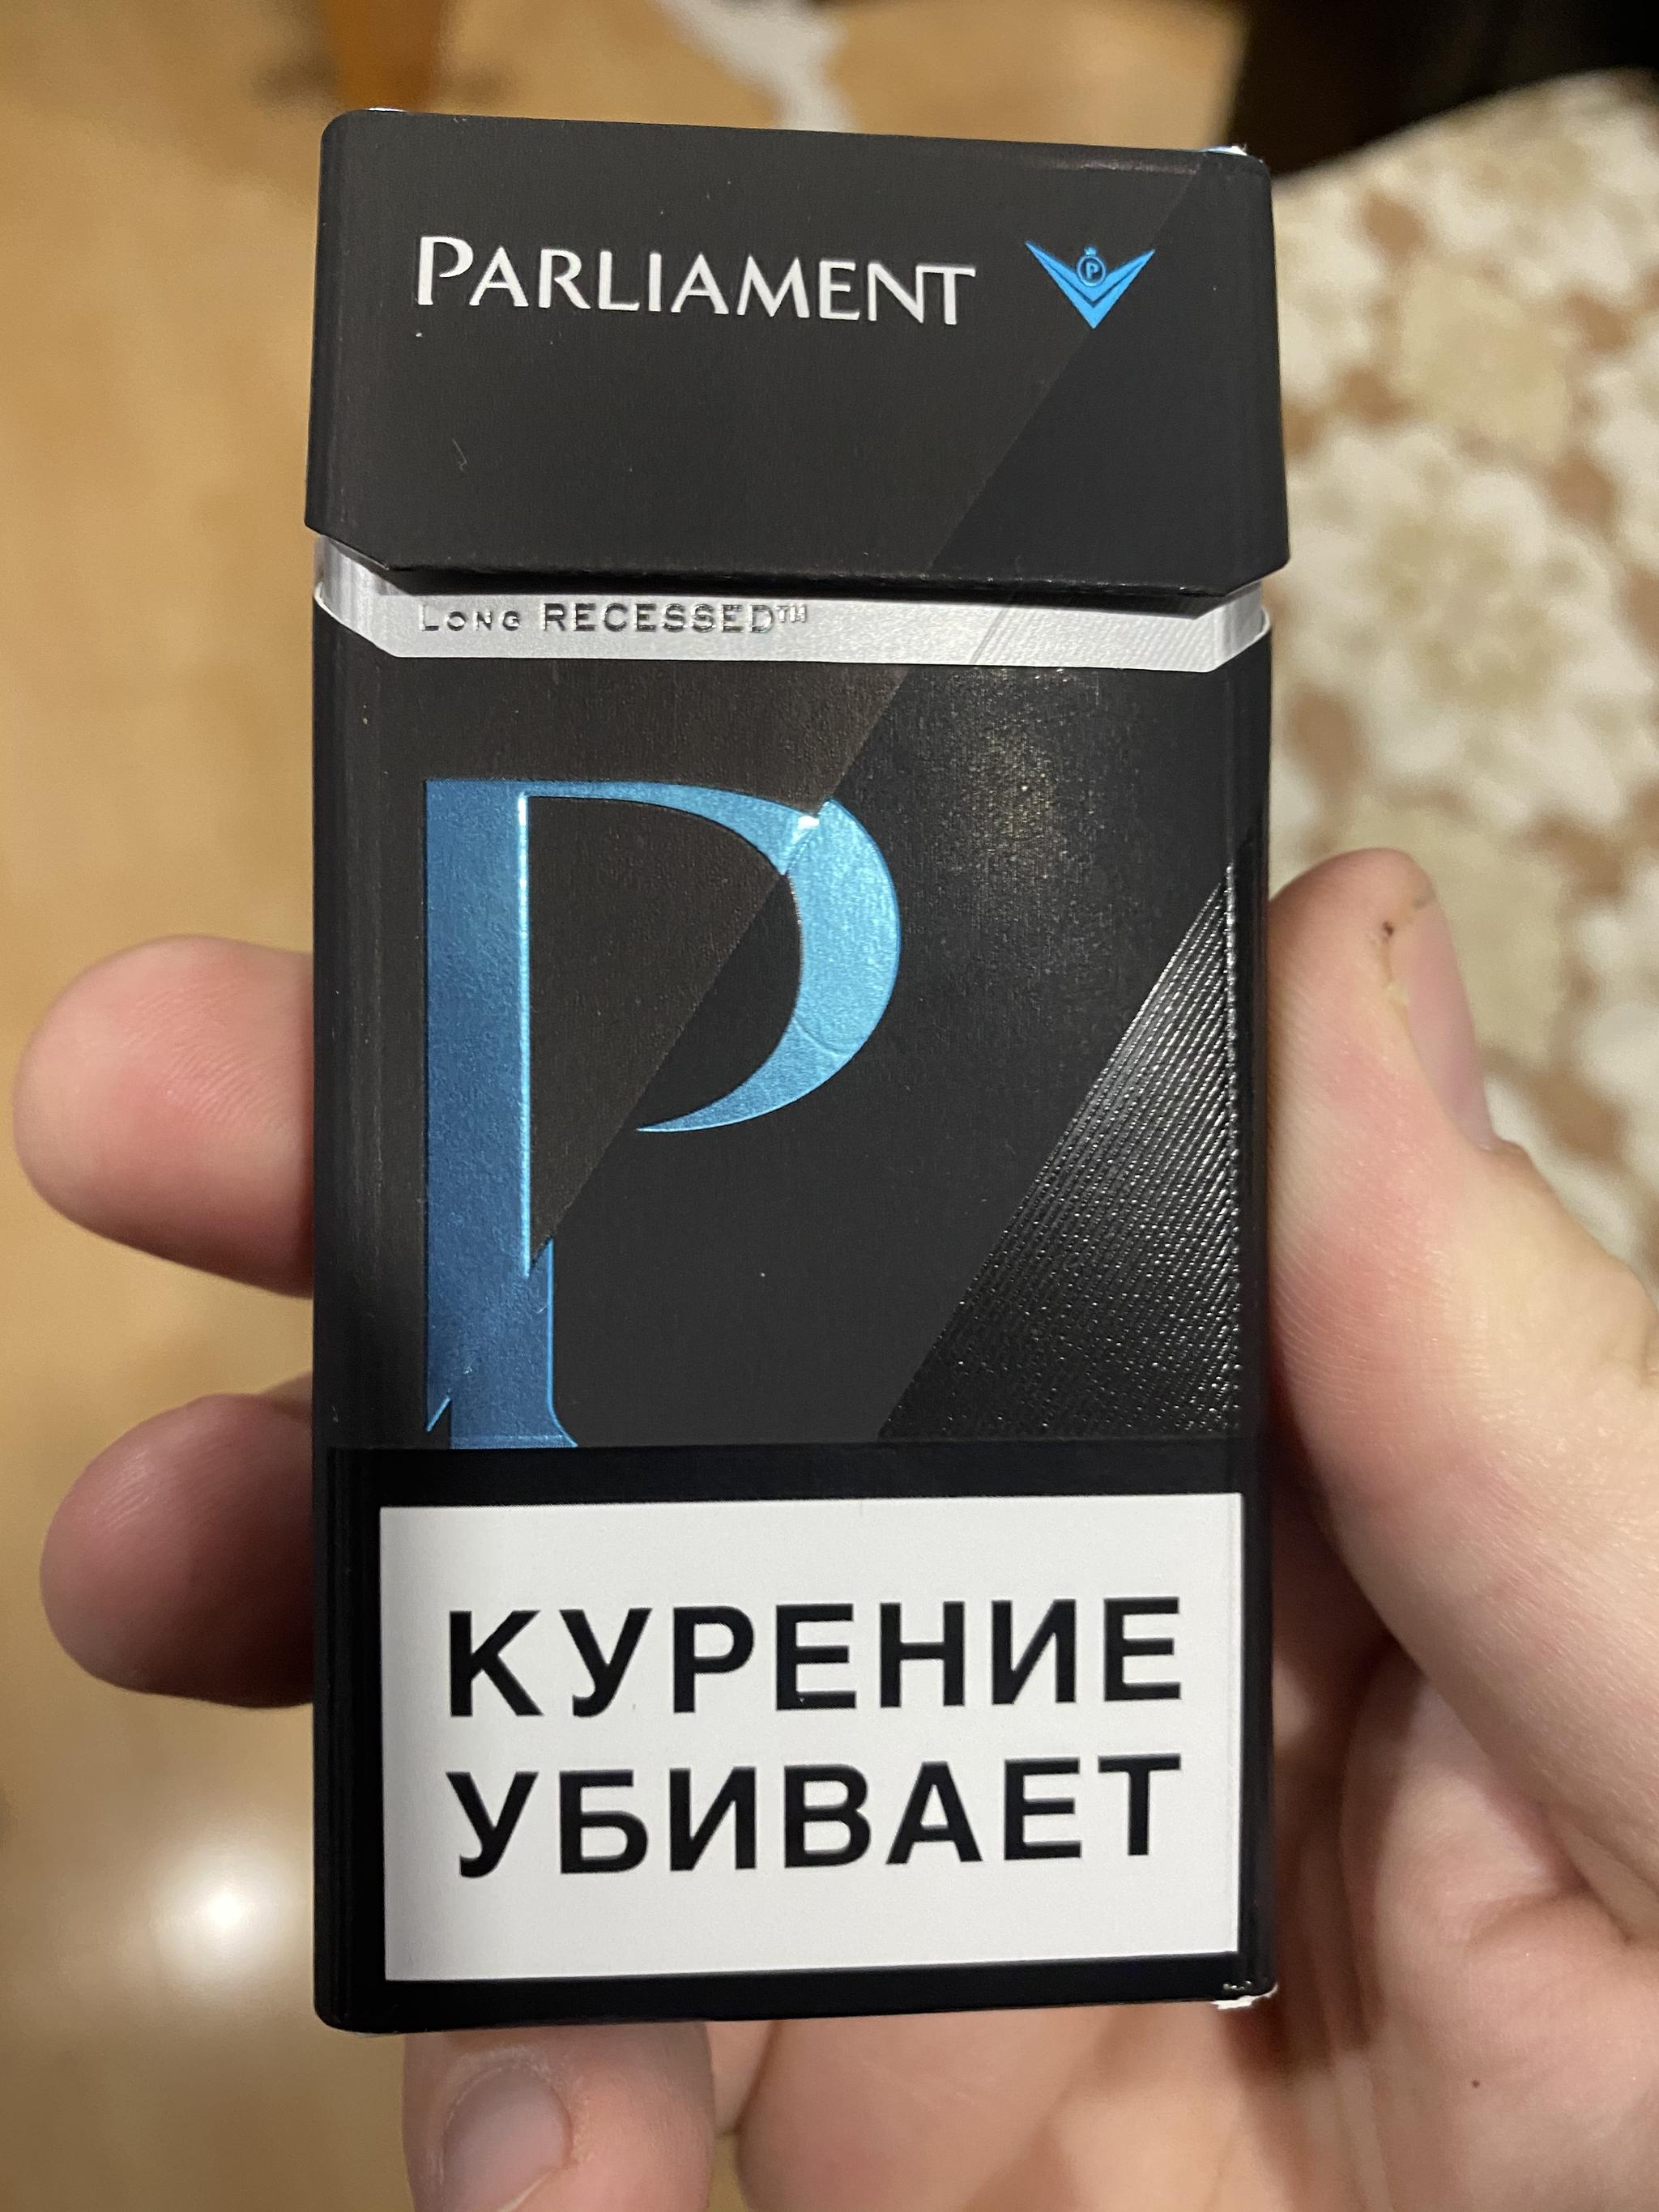 Сигареты просроченные купить основа для электронных сигарет санкт петербург купить